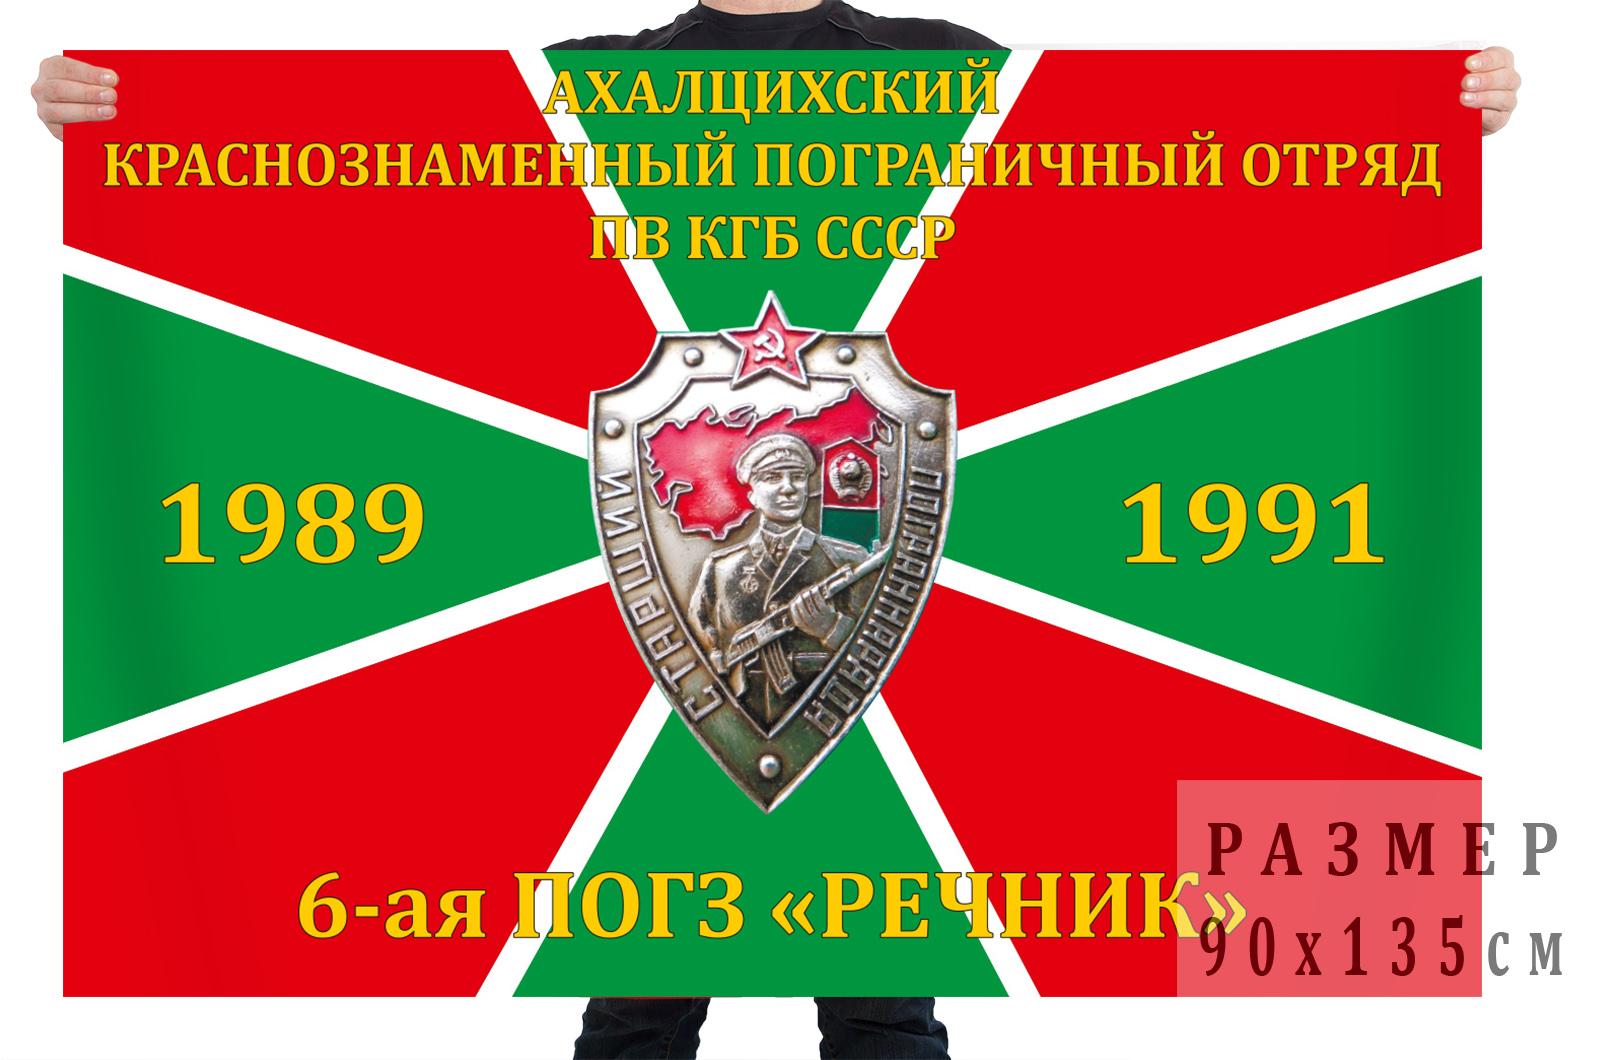 Флаг 6-й ПОГЗ «Речник» Ахалцихского пограничного отряда